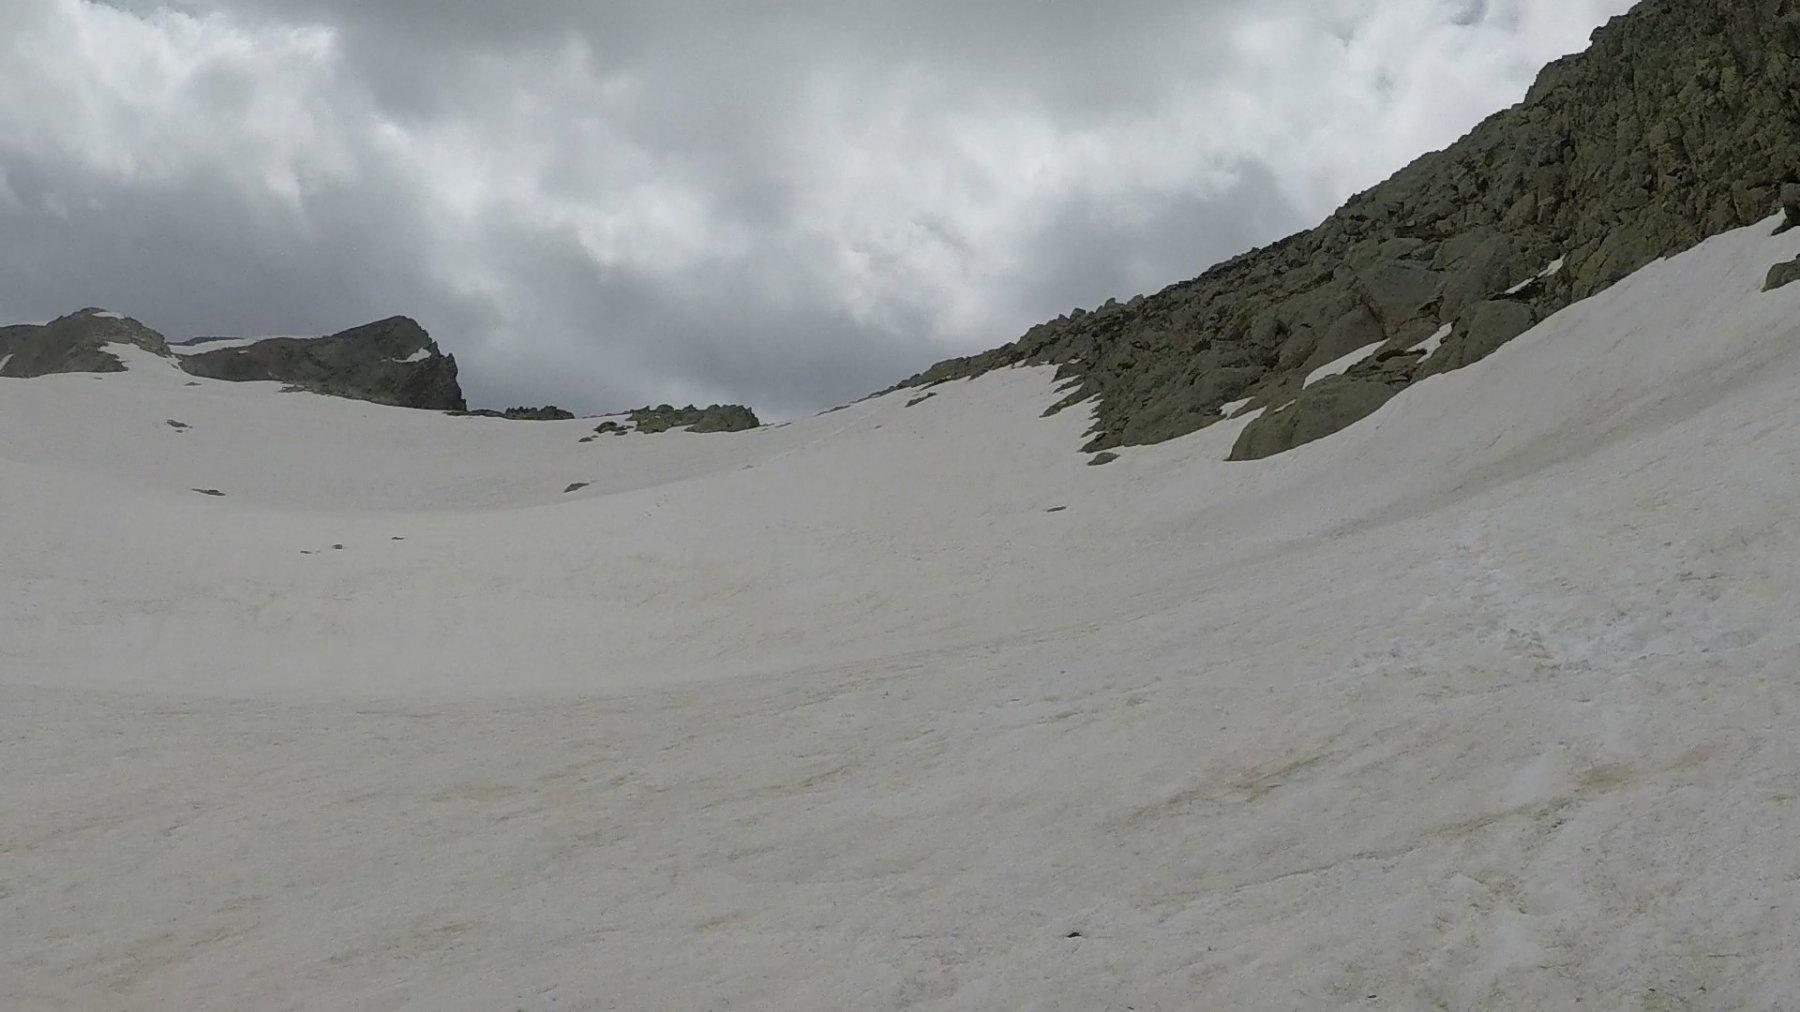 unico tratto di neve molle prima del colletto